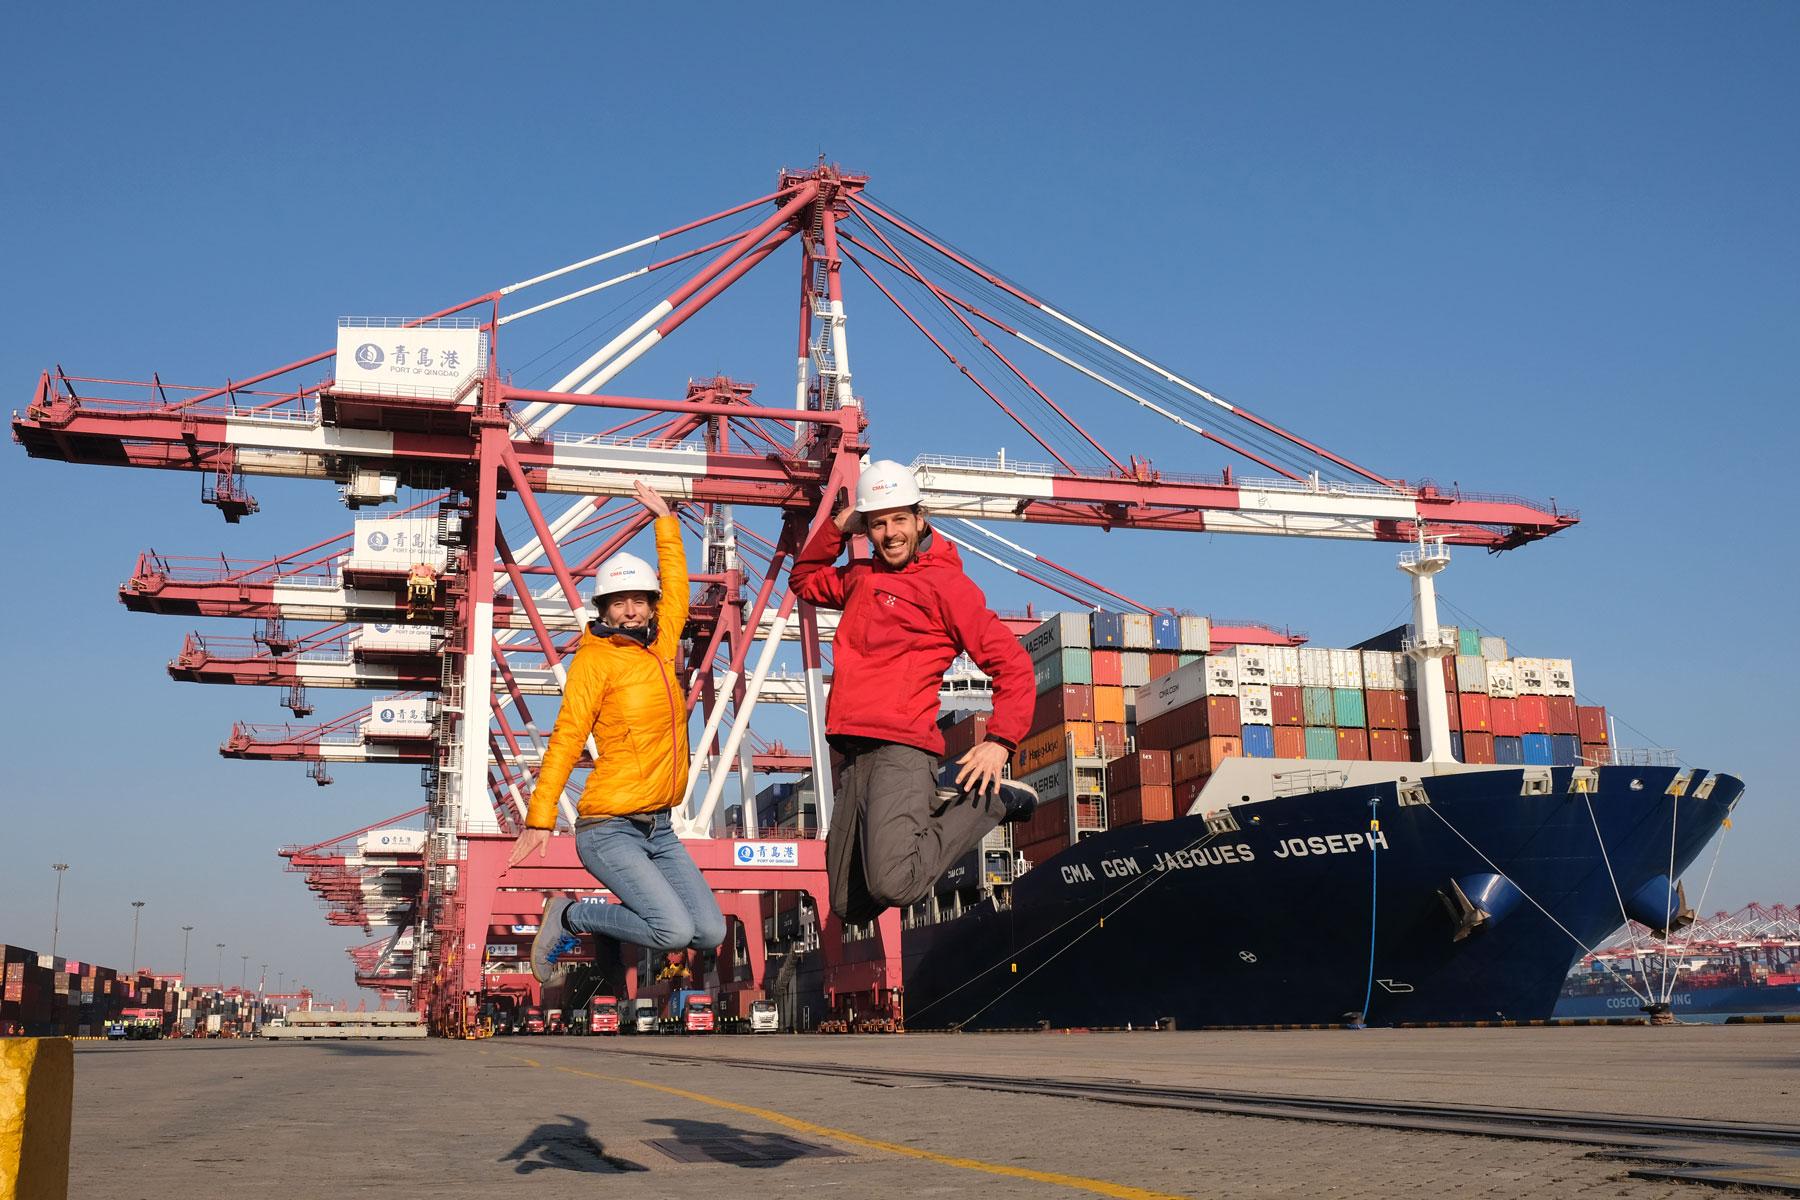 Leo und Sebastian springen am Containerhafen von Qingdao in die Luft.